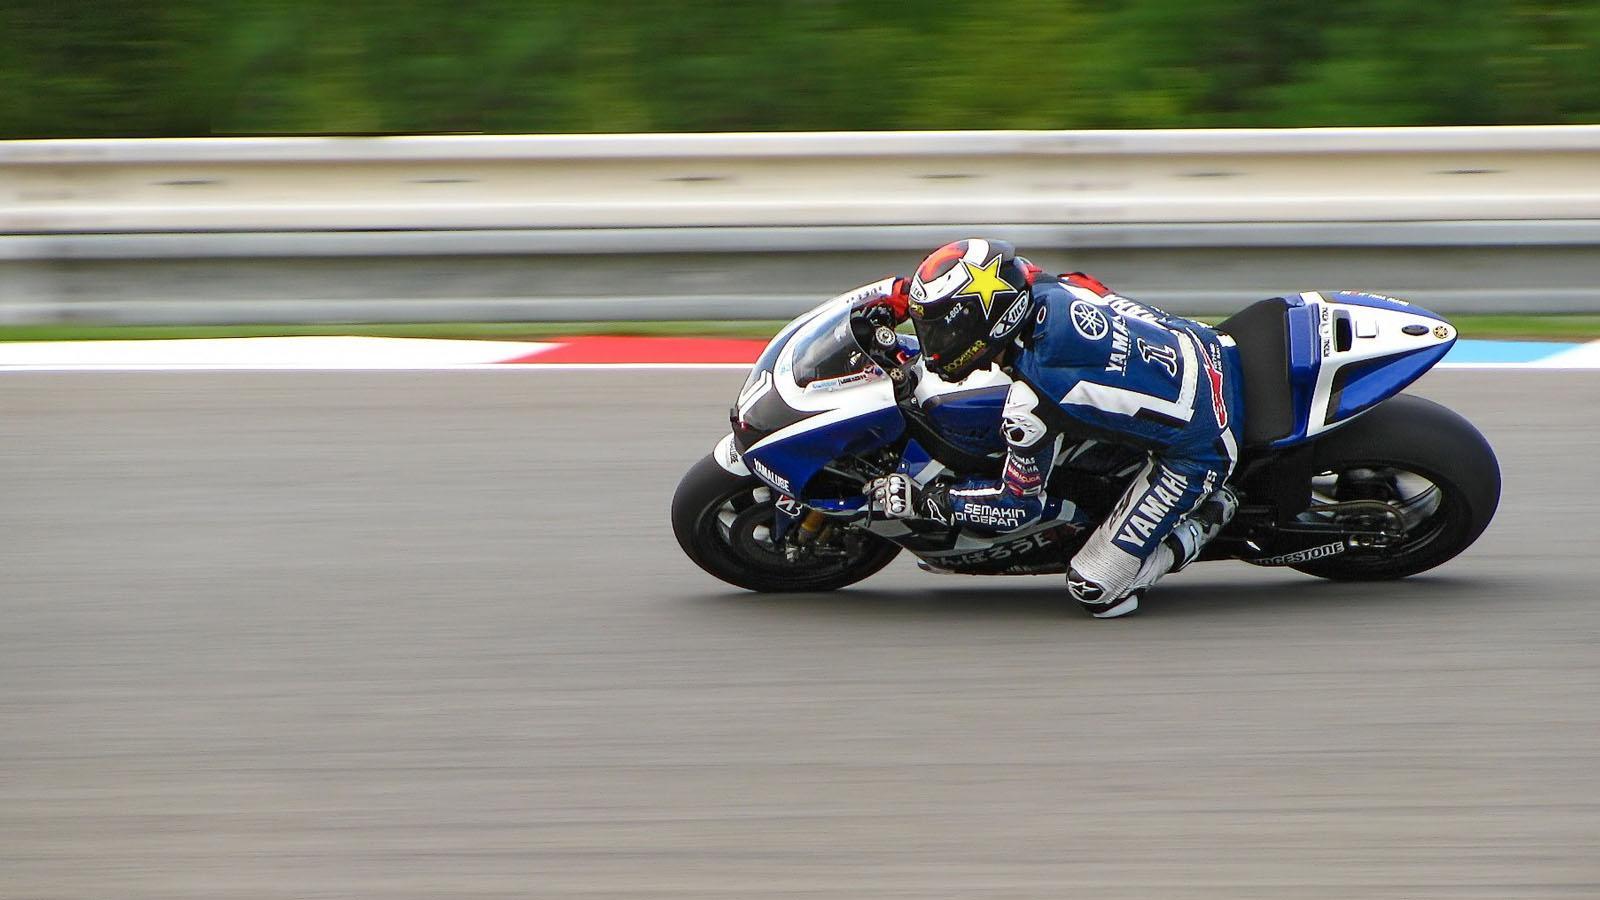 MotoGP - Saturday